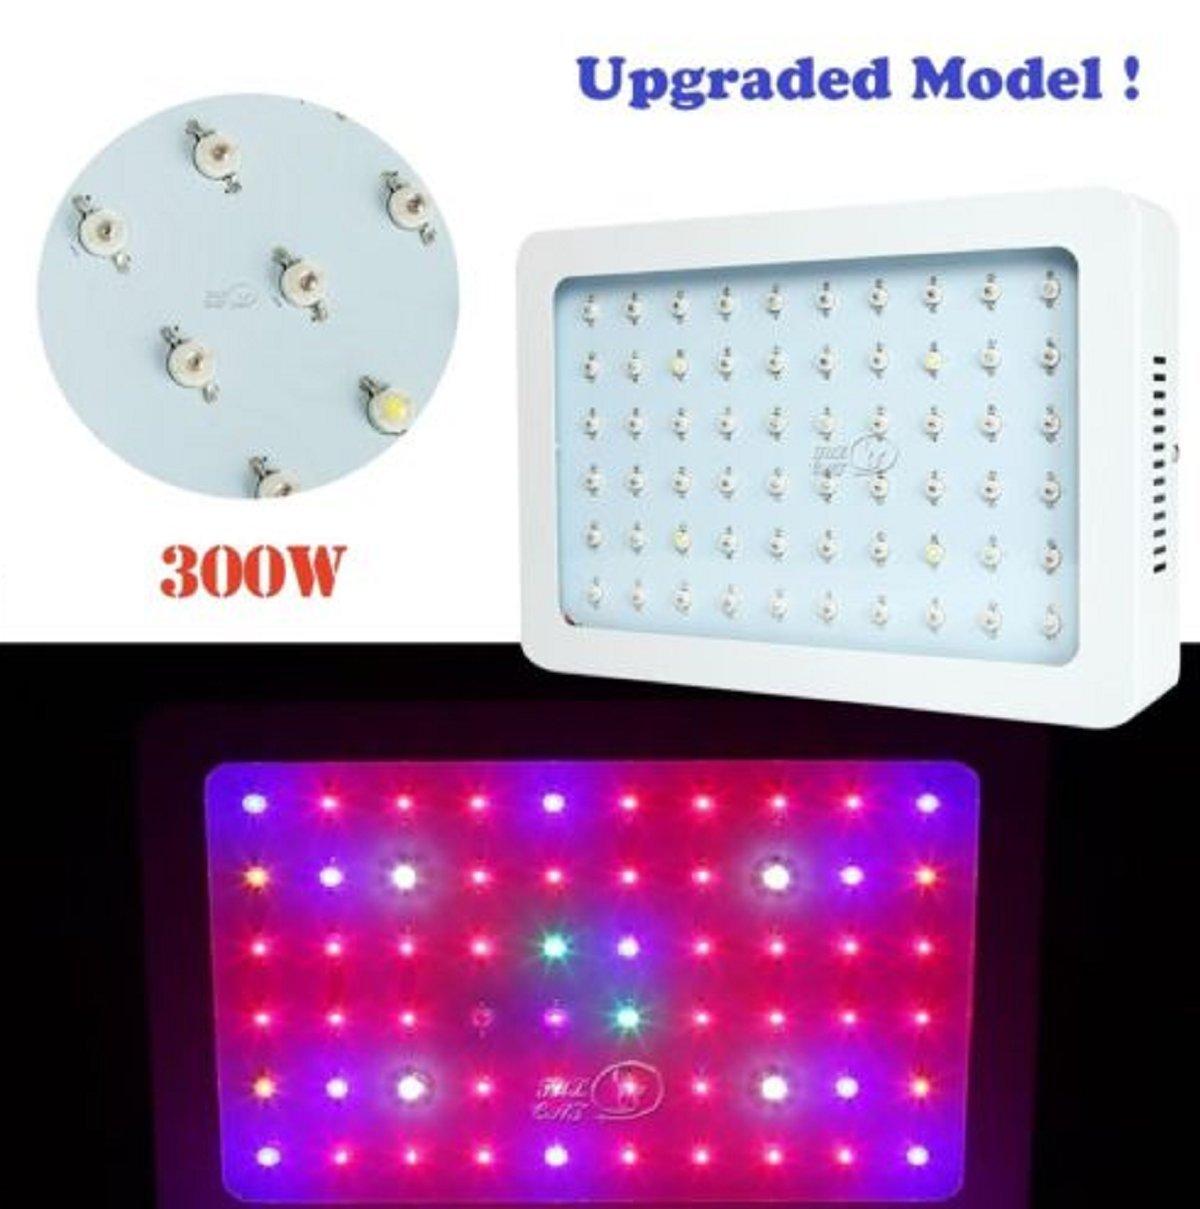 USA Premium Store 300W LED Grow Light Full Spectrum Panel Lamp for Veg Flower Garden Indoor Plant by USA Premium Store (Image #1)